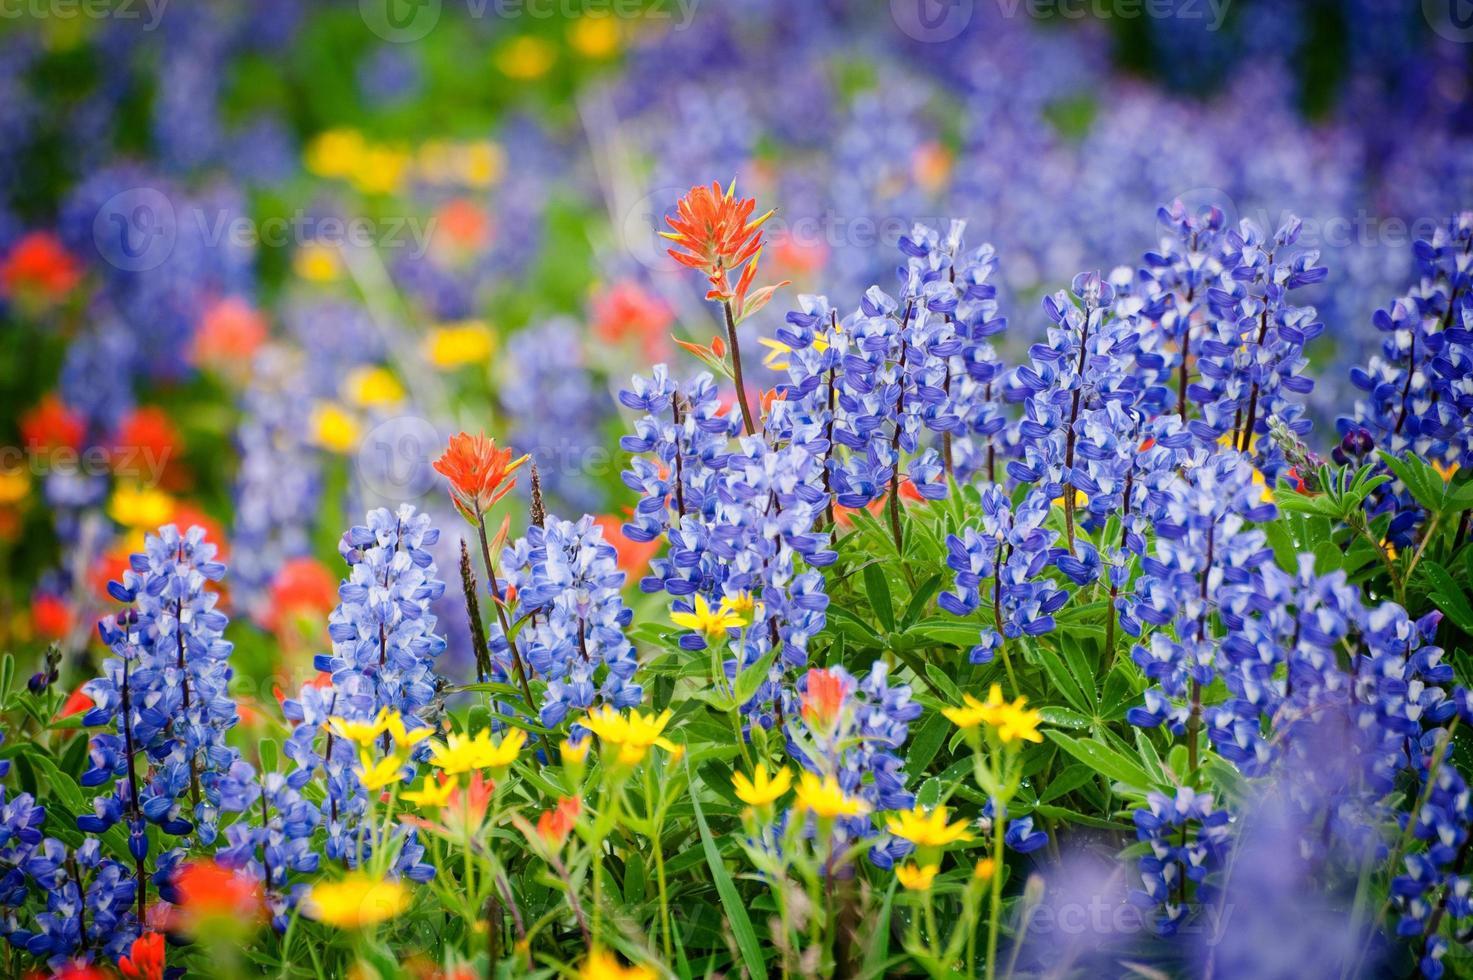 Heliotropkamm Wildblumen. foto